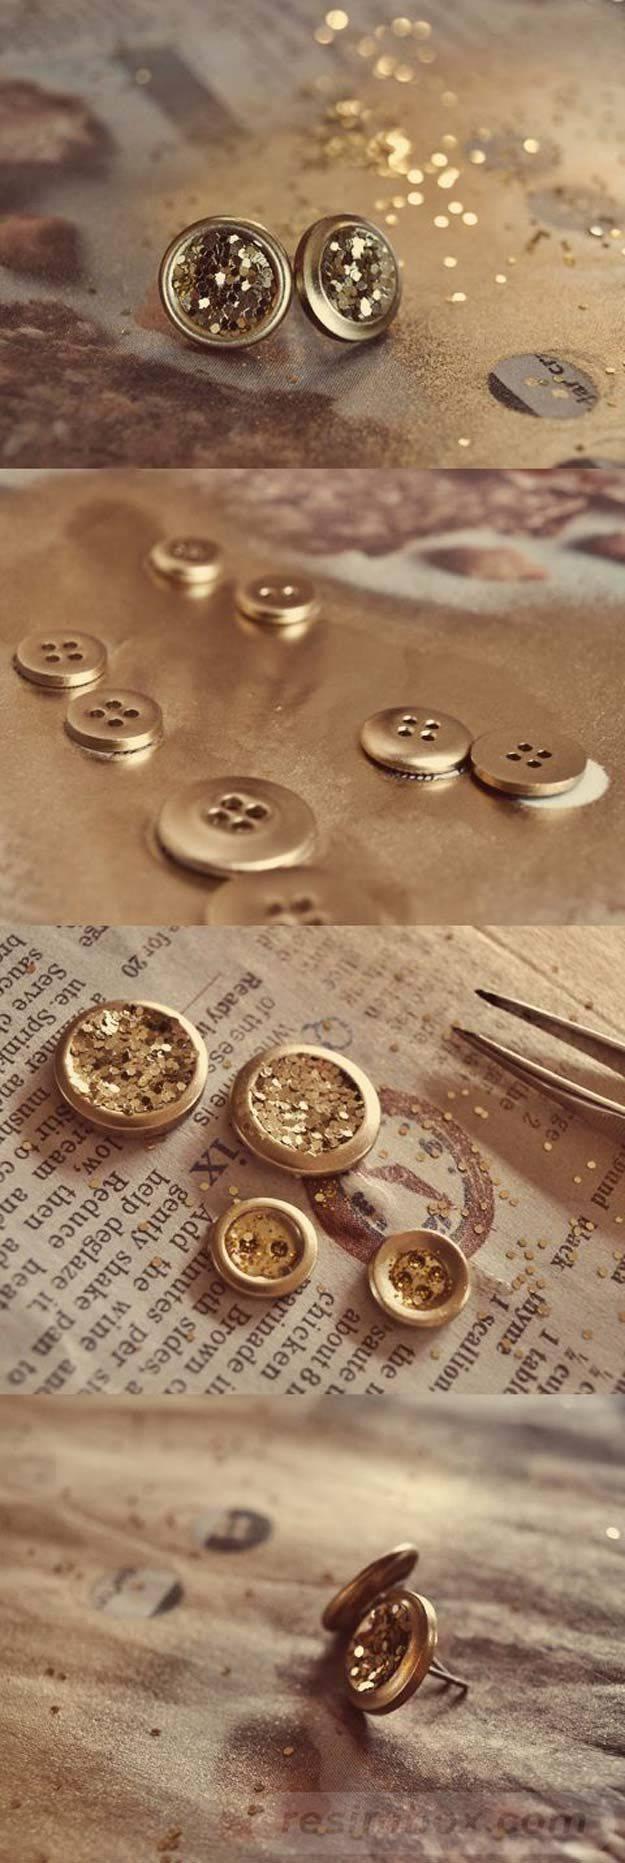 ideas diy jewelry-108860515973316851